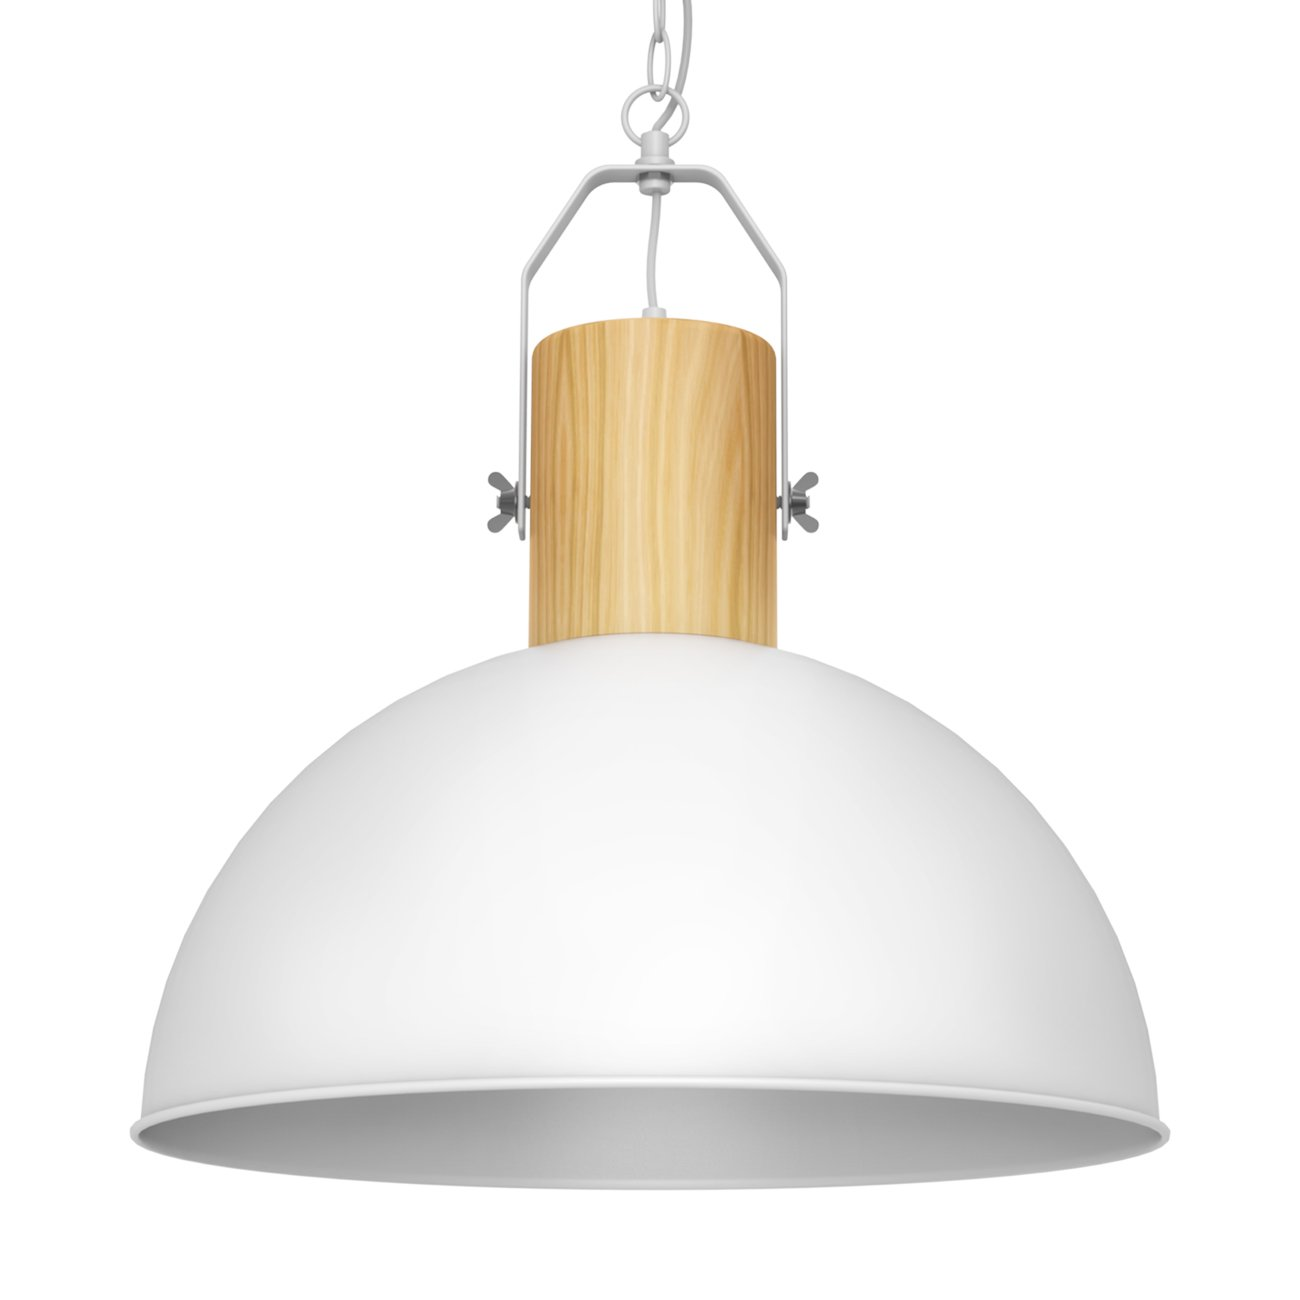 Tomons - Lámpara colgante estilo minimal industrial